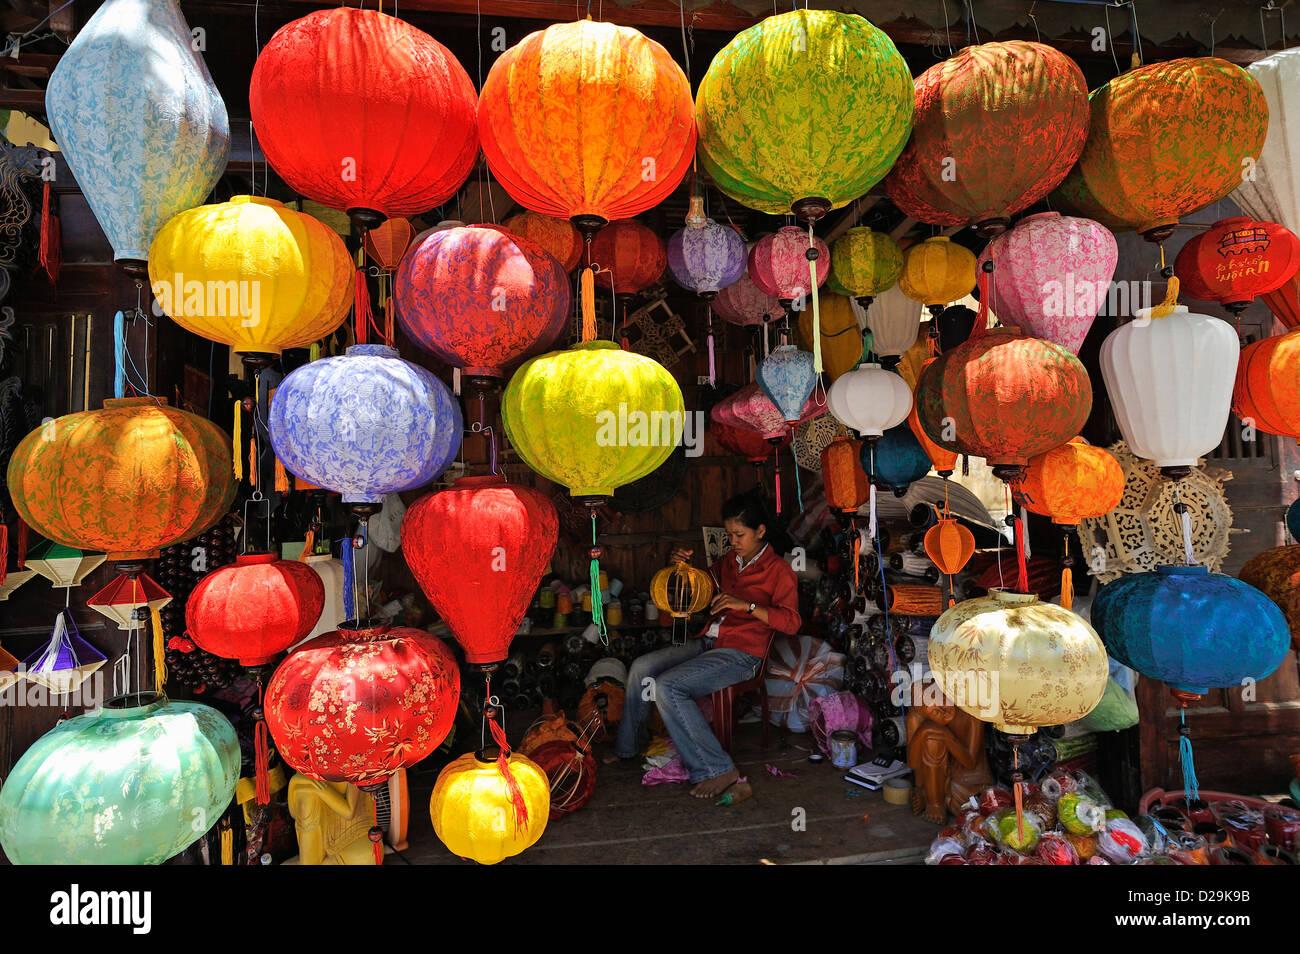 Lanterns hanging in shop, Hoi An, Vietnam - Stock Image